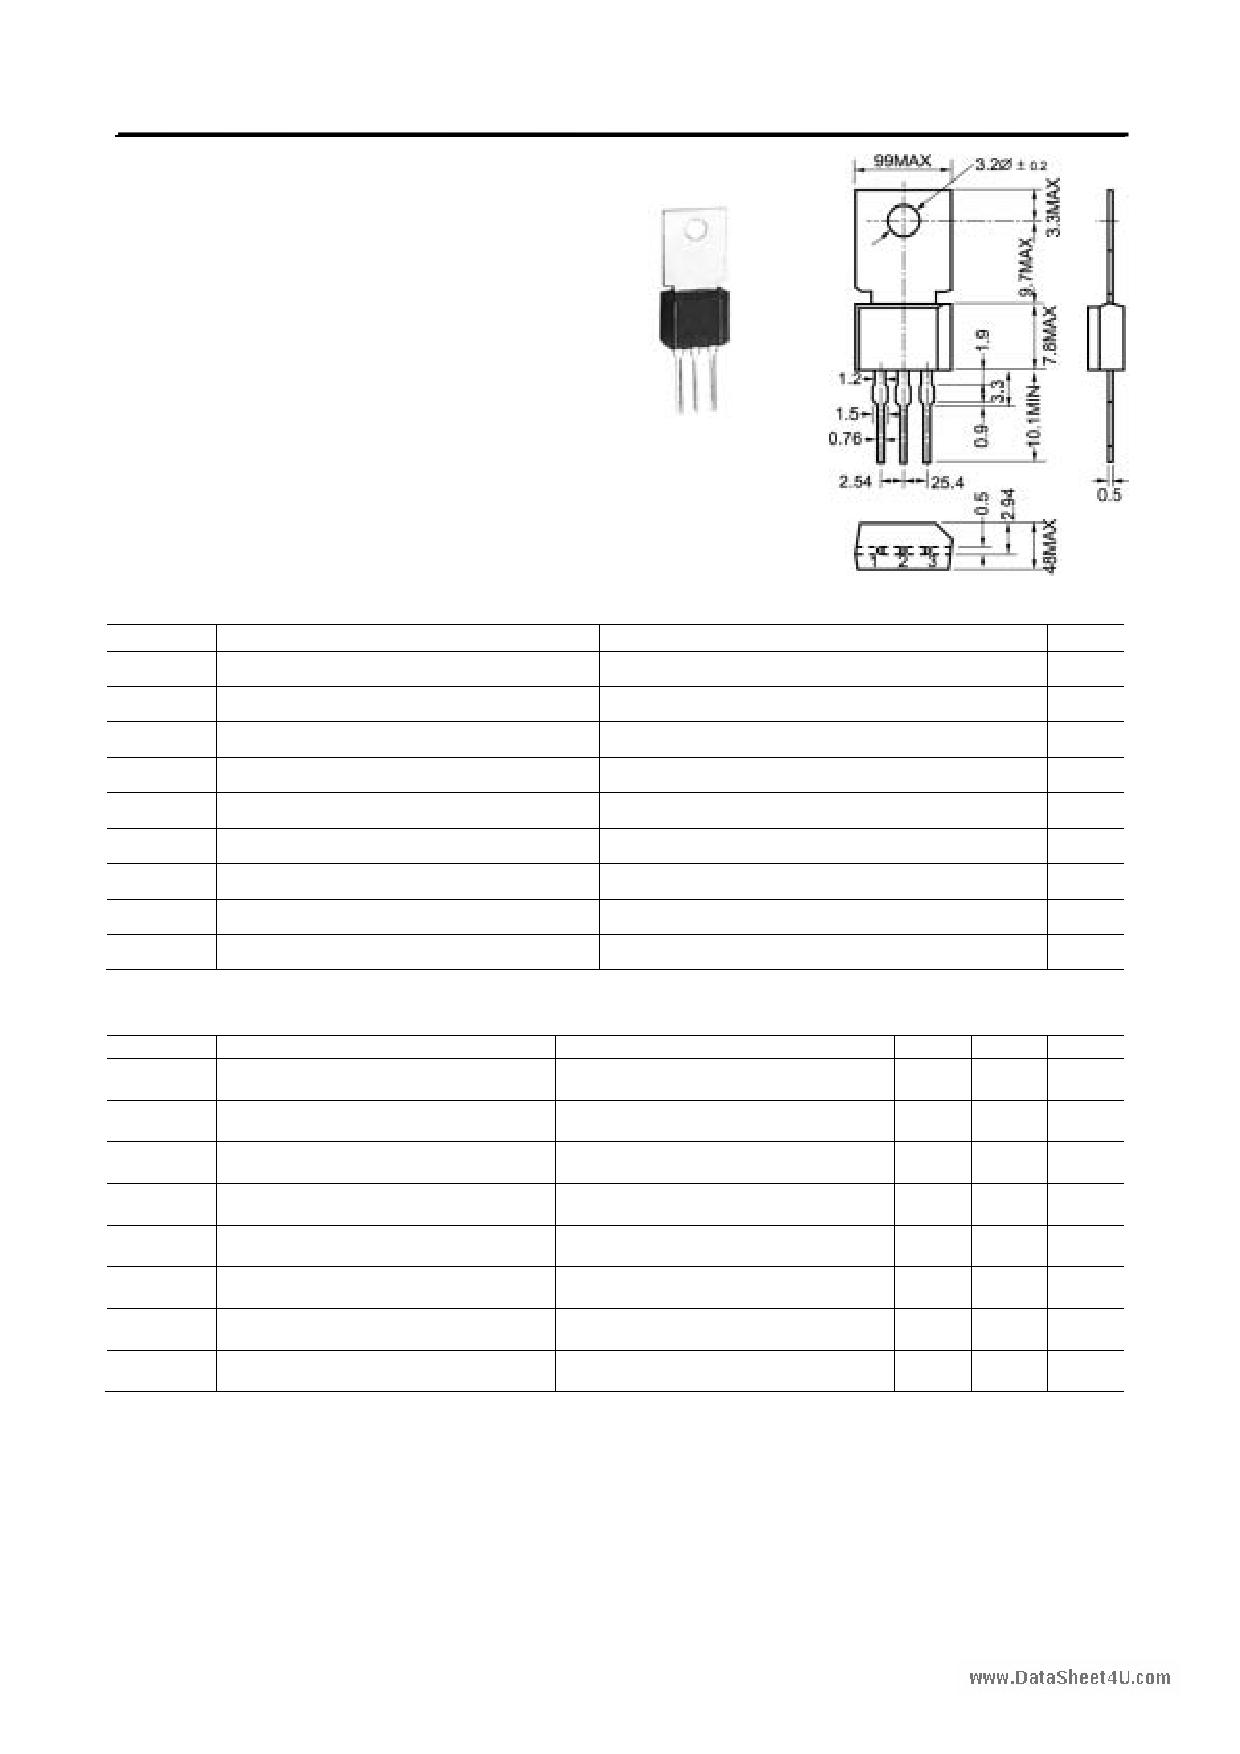 2P4M 데이터시트 및 2P4M PDF